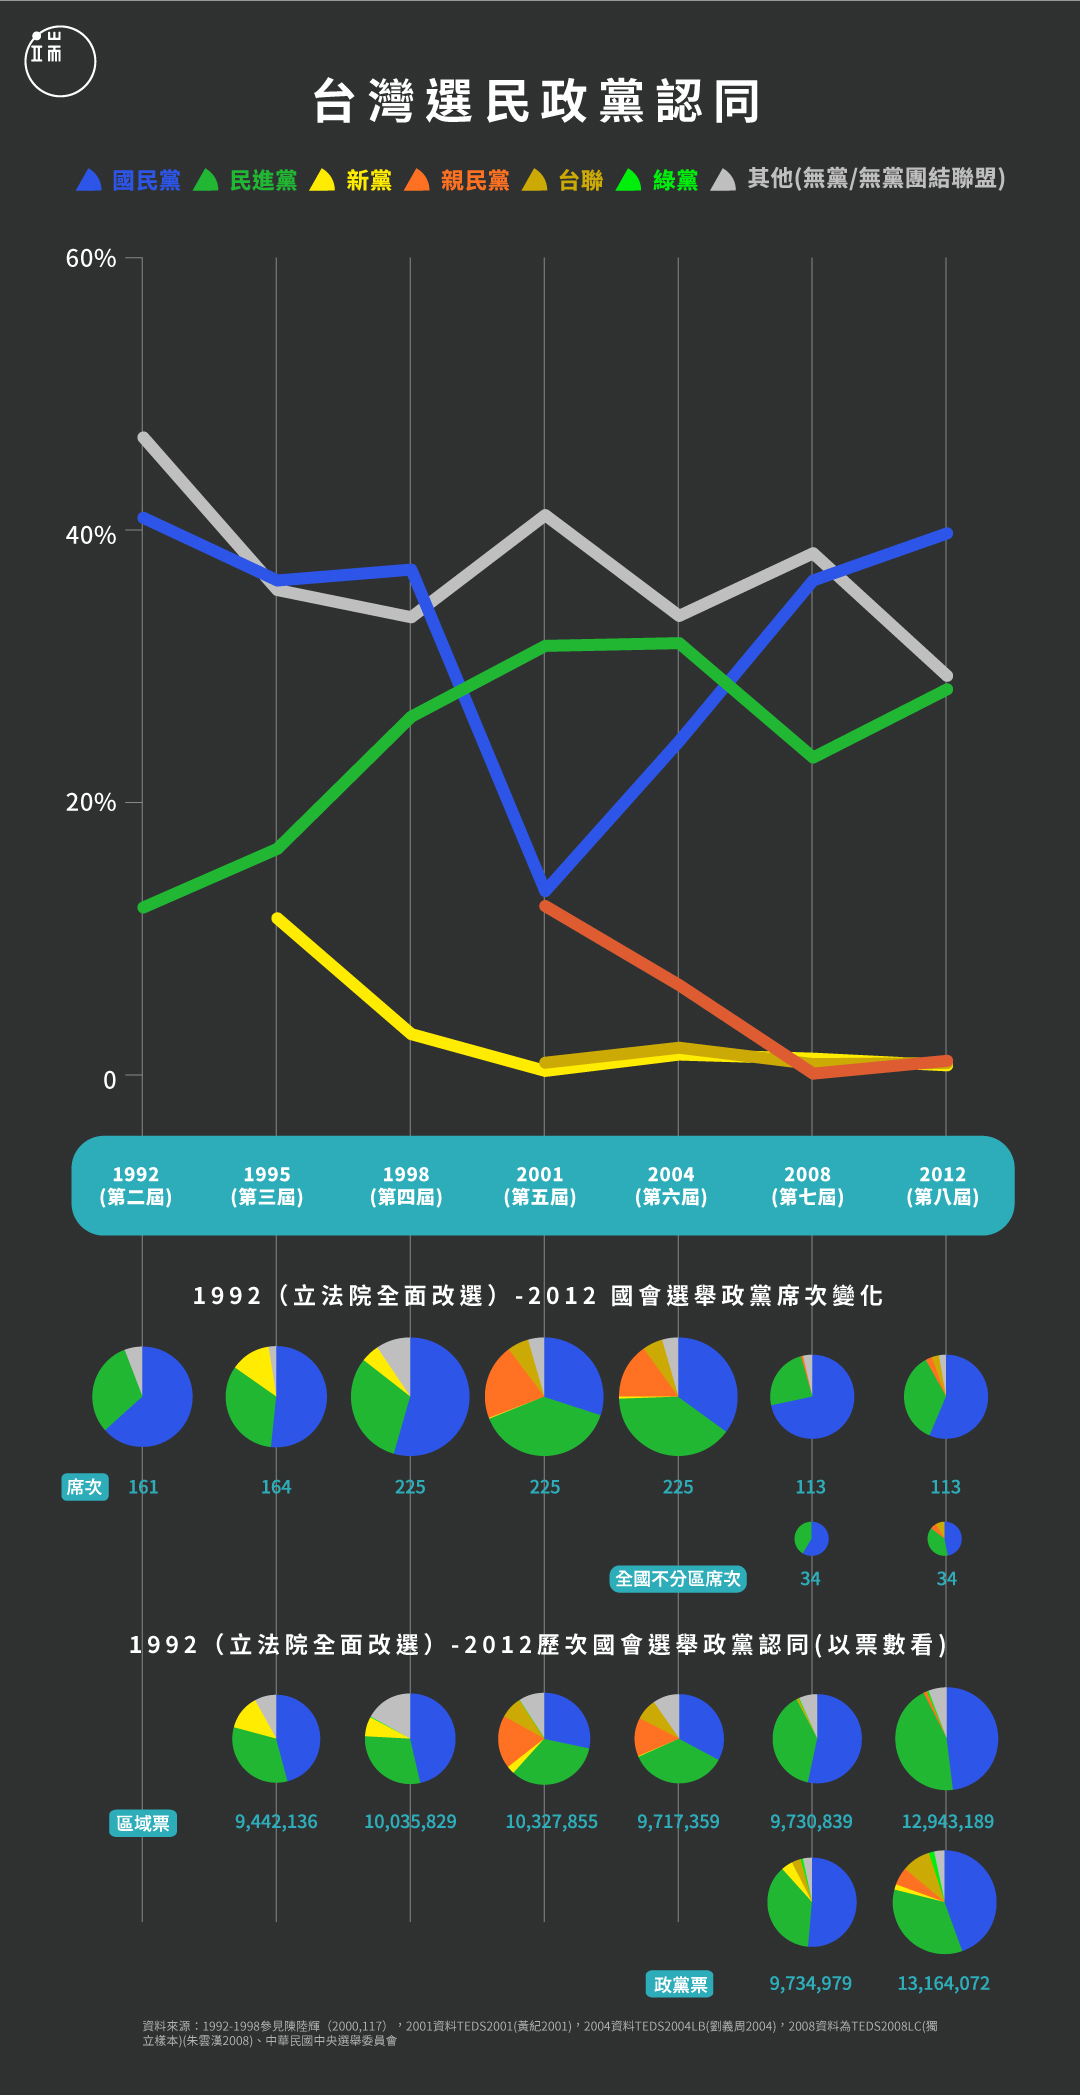 台灣選民政黨意向變化圖。資料來源:1992-1998參見陳陸輝(2000,117),2001資料TEDS2001(黃紀2001),2004資料TEDS2004LB(劉義周2004),2008資料為TEDS2008LC(獨立樣本)(朱雲漢2008)、中華民國中央選舉委員會 。設計:Tsanly